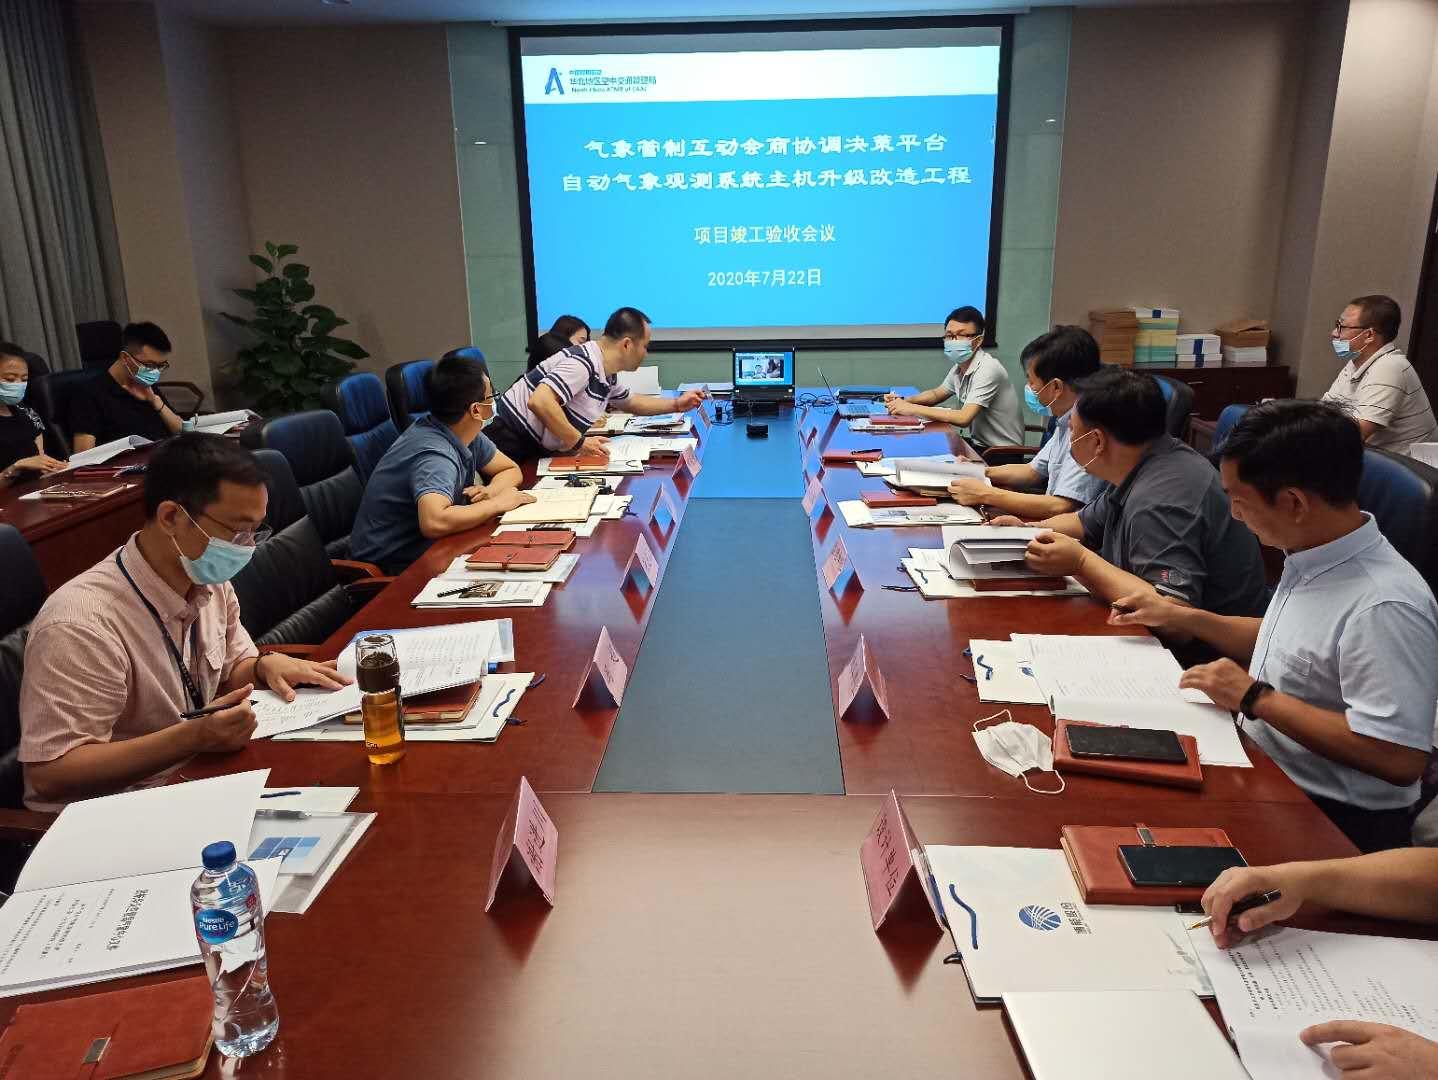 华北空管局气象管制互动会商协同决策平台建设工程通过竣工验收